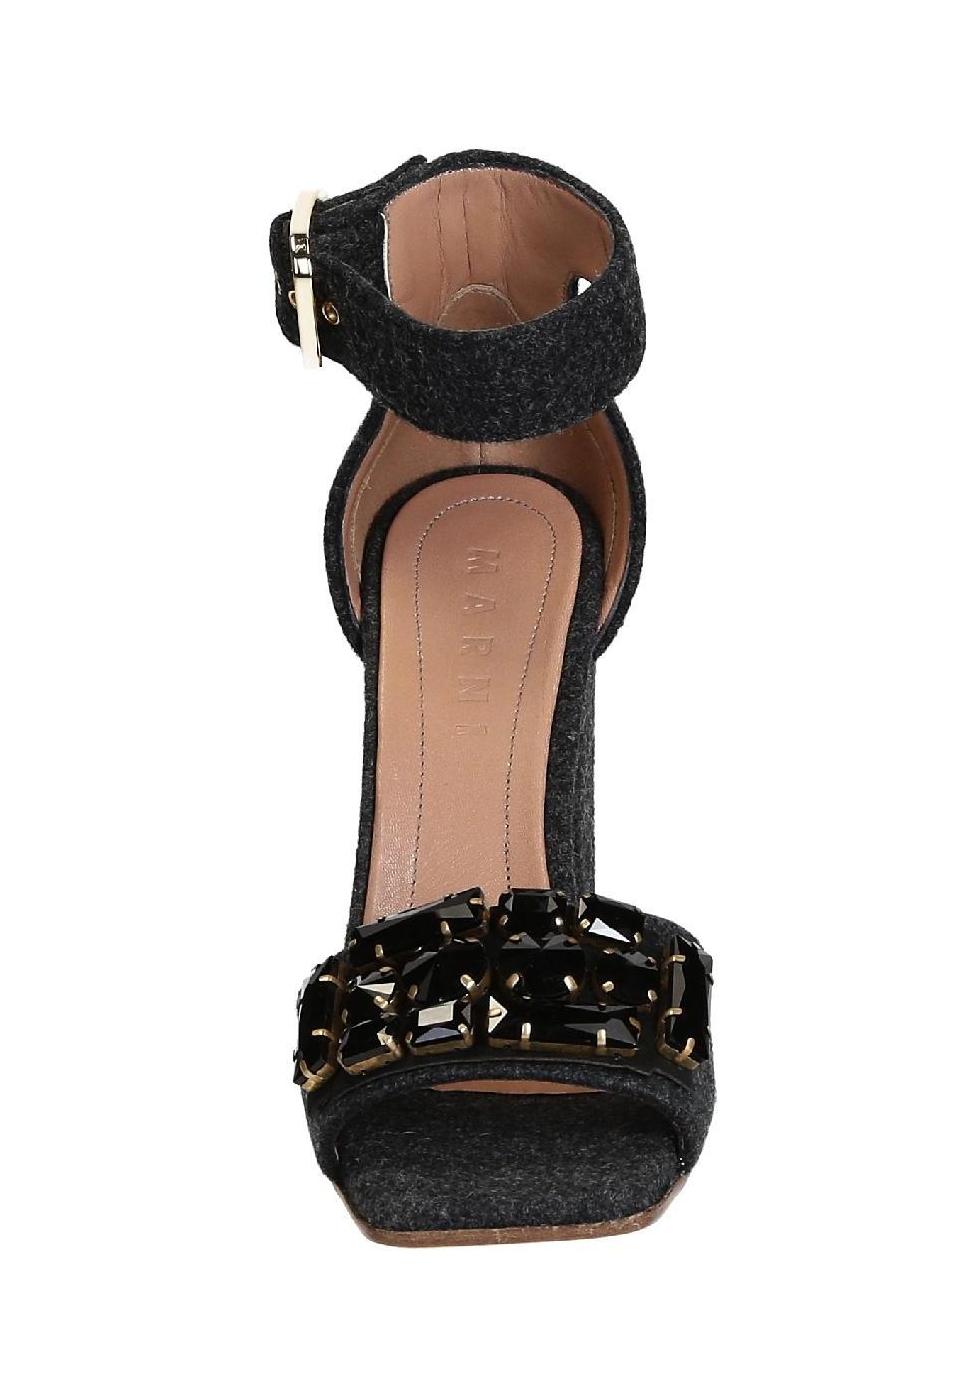 Sandali tacco alto Marni in Feltro Grigio scuro e cristalli italian-boutique neri oQdQCOlkM